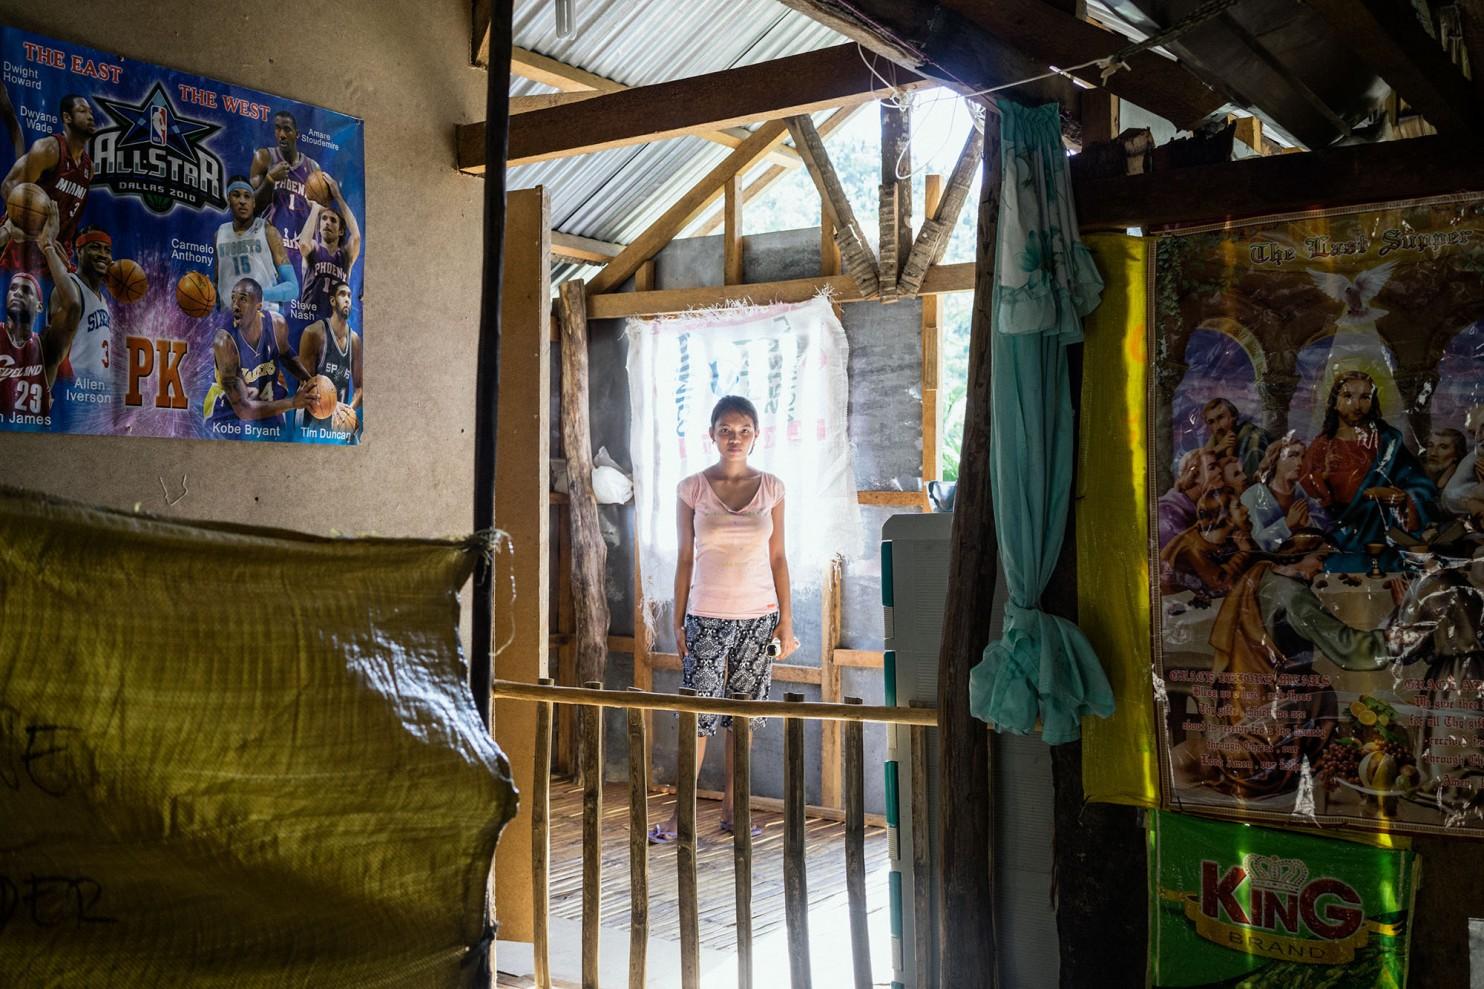 По данным ООН, тайфун «Хайян» оставил без крова около четырех миллионов филиппинцев. Только за 2014